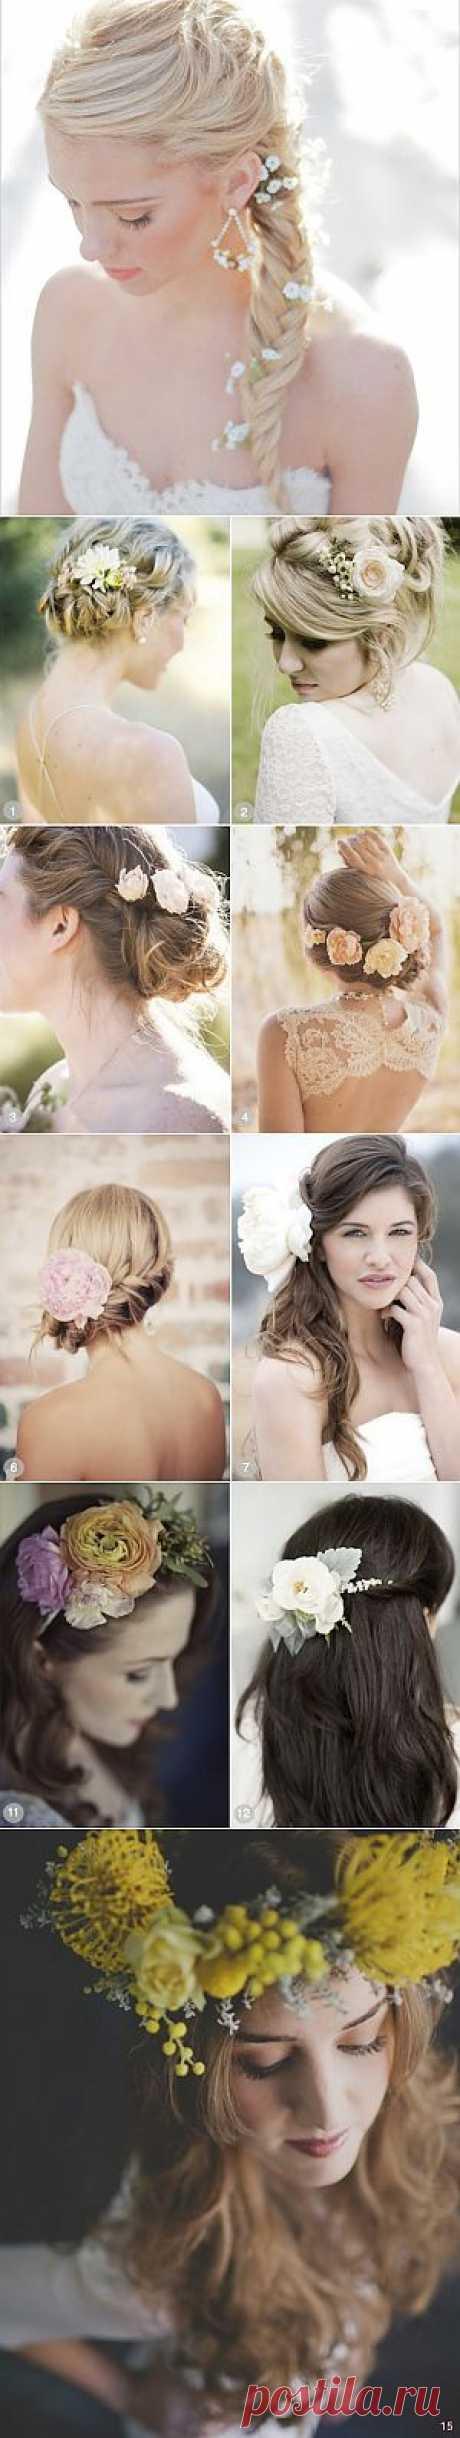 Свадебные причёски с цветами: 50 супер-романтичных вариантов | Самоцветик